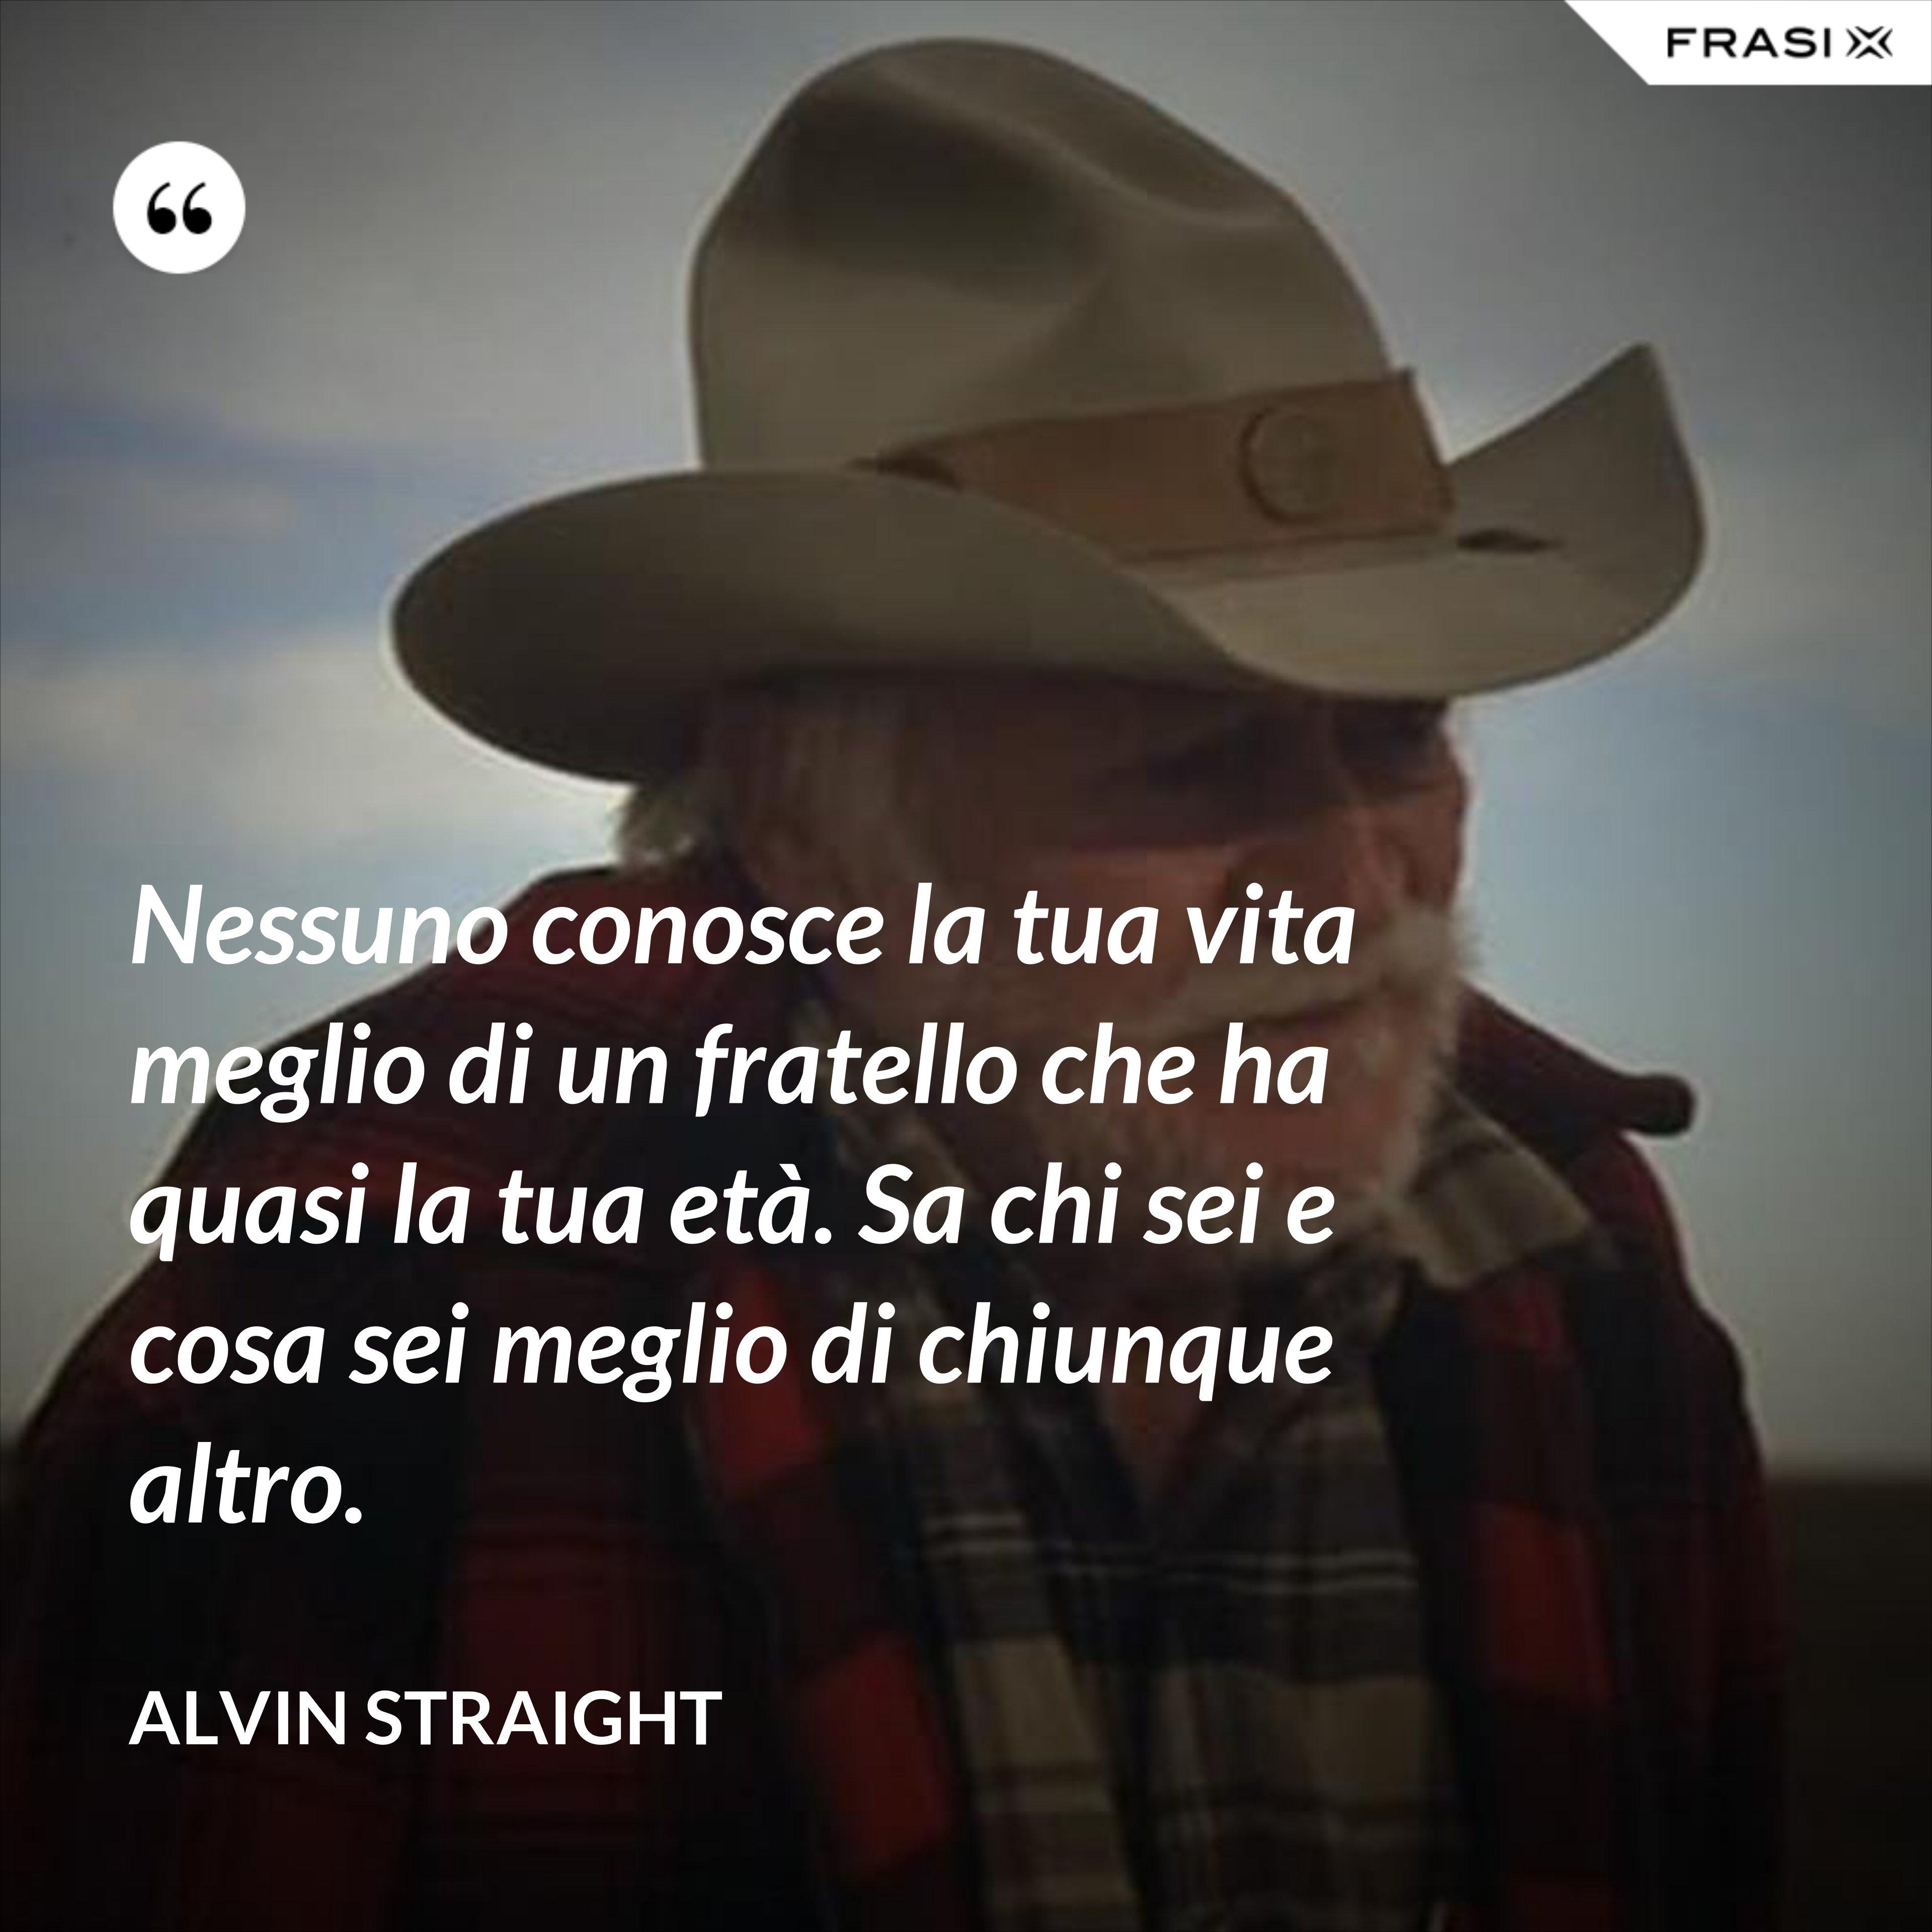 Nessuno conosce la tua vita meglio di un fratello che ha quasi la tua età. Sa chi sei e cosa sei meglio di chiunque altro. - Alvin Straight